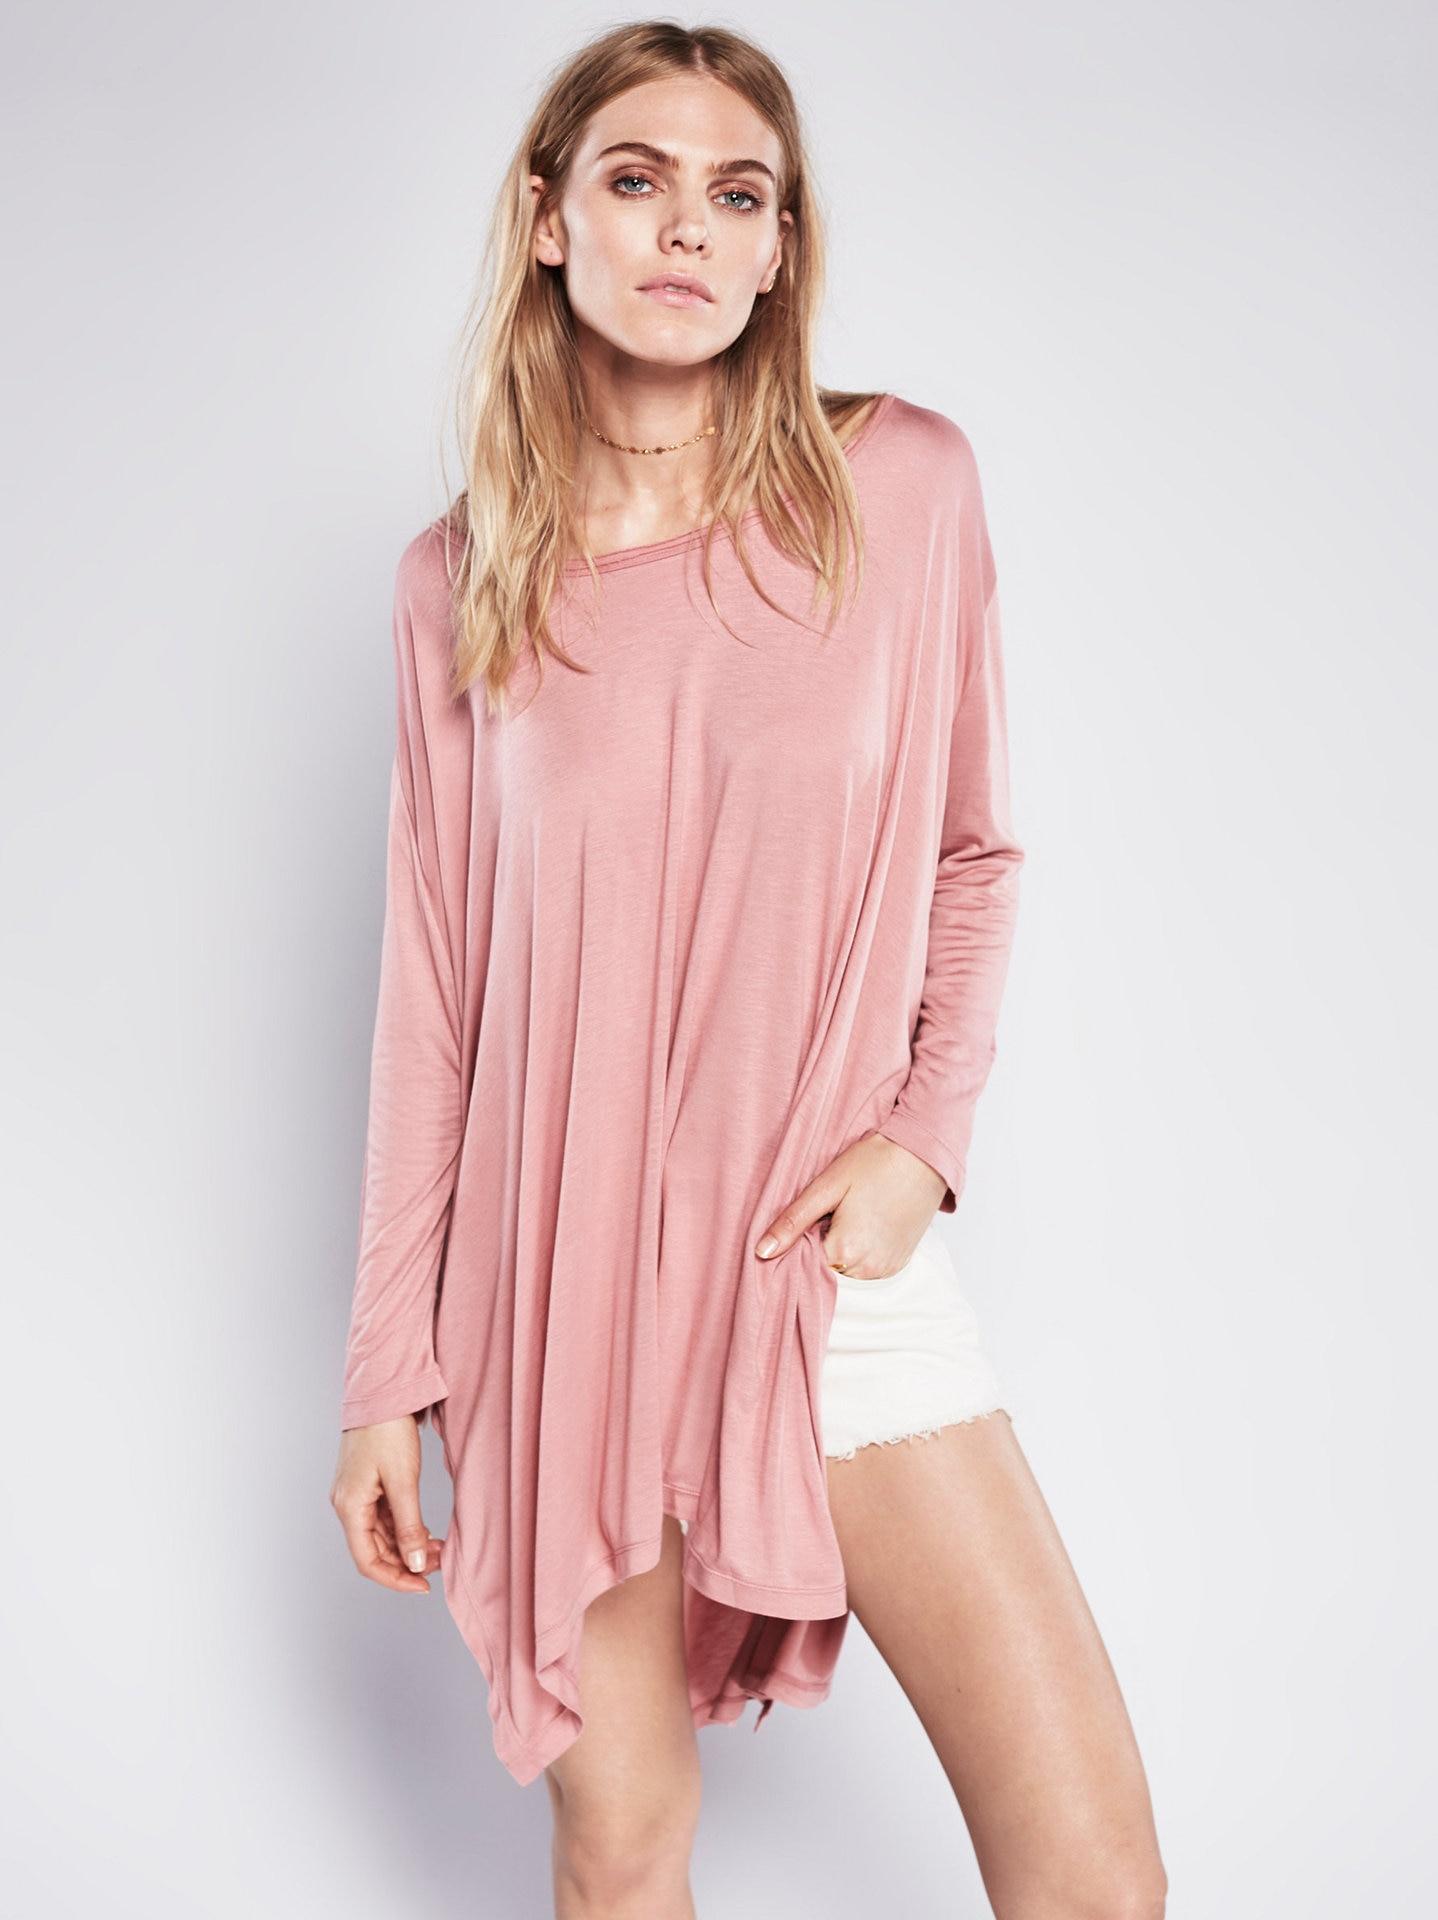 d1aa0246e8f ④2018 новые женские свободные платья сплошной цвет Сплит платье с ...